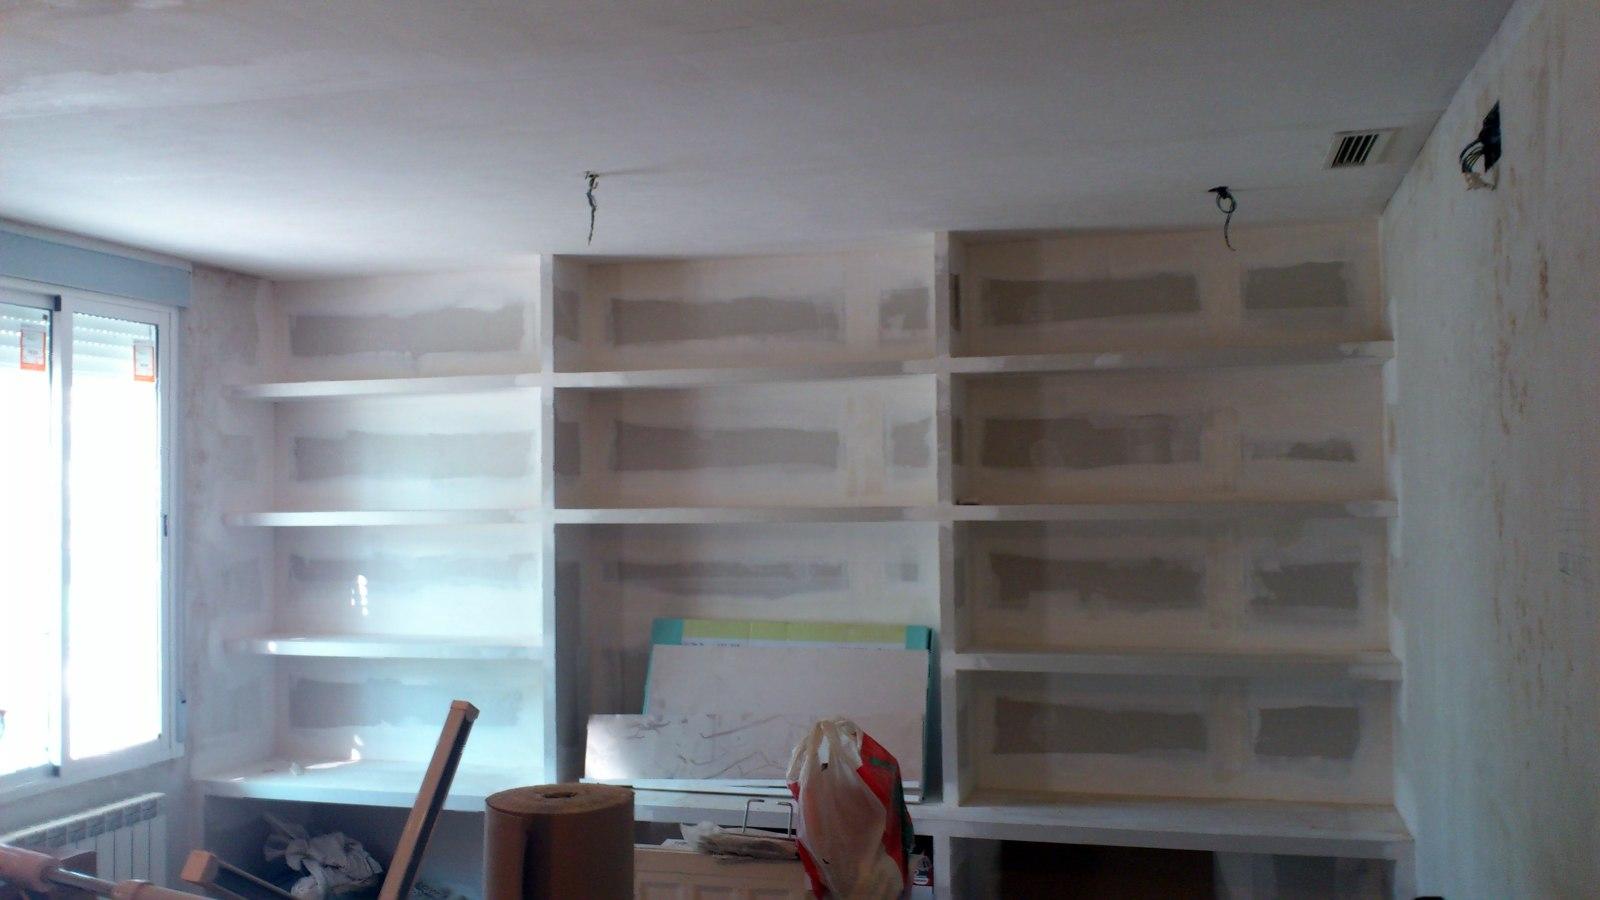 Especialistas en creacion de muebles de todo tipo con placa carton